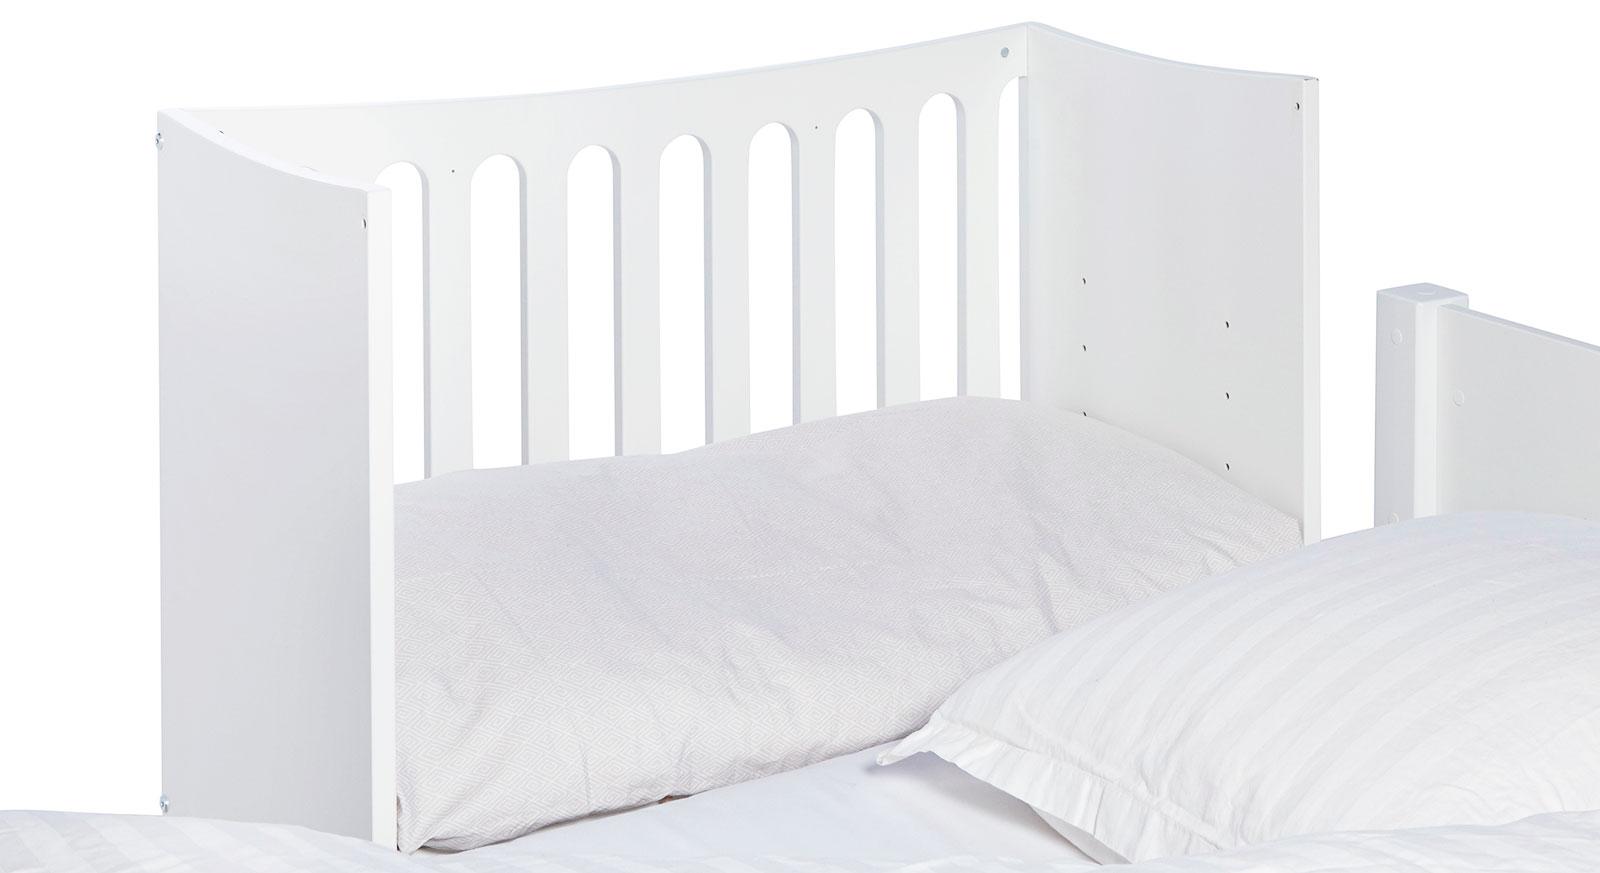 baby bettdecken test wandfarbe schlafzimmer h m home bettw sche luftfeuchtigkeit komplett. Black Bedroom Furniture Sets. Home Design Ideas